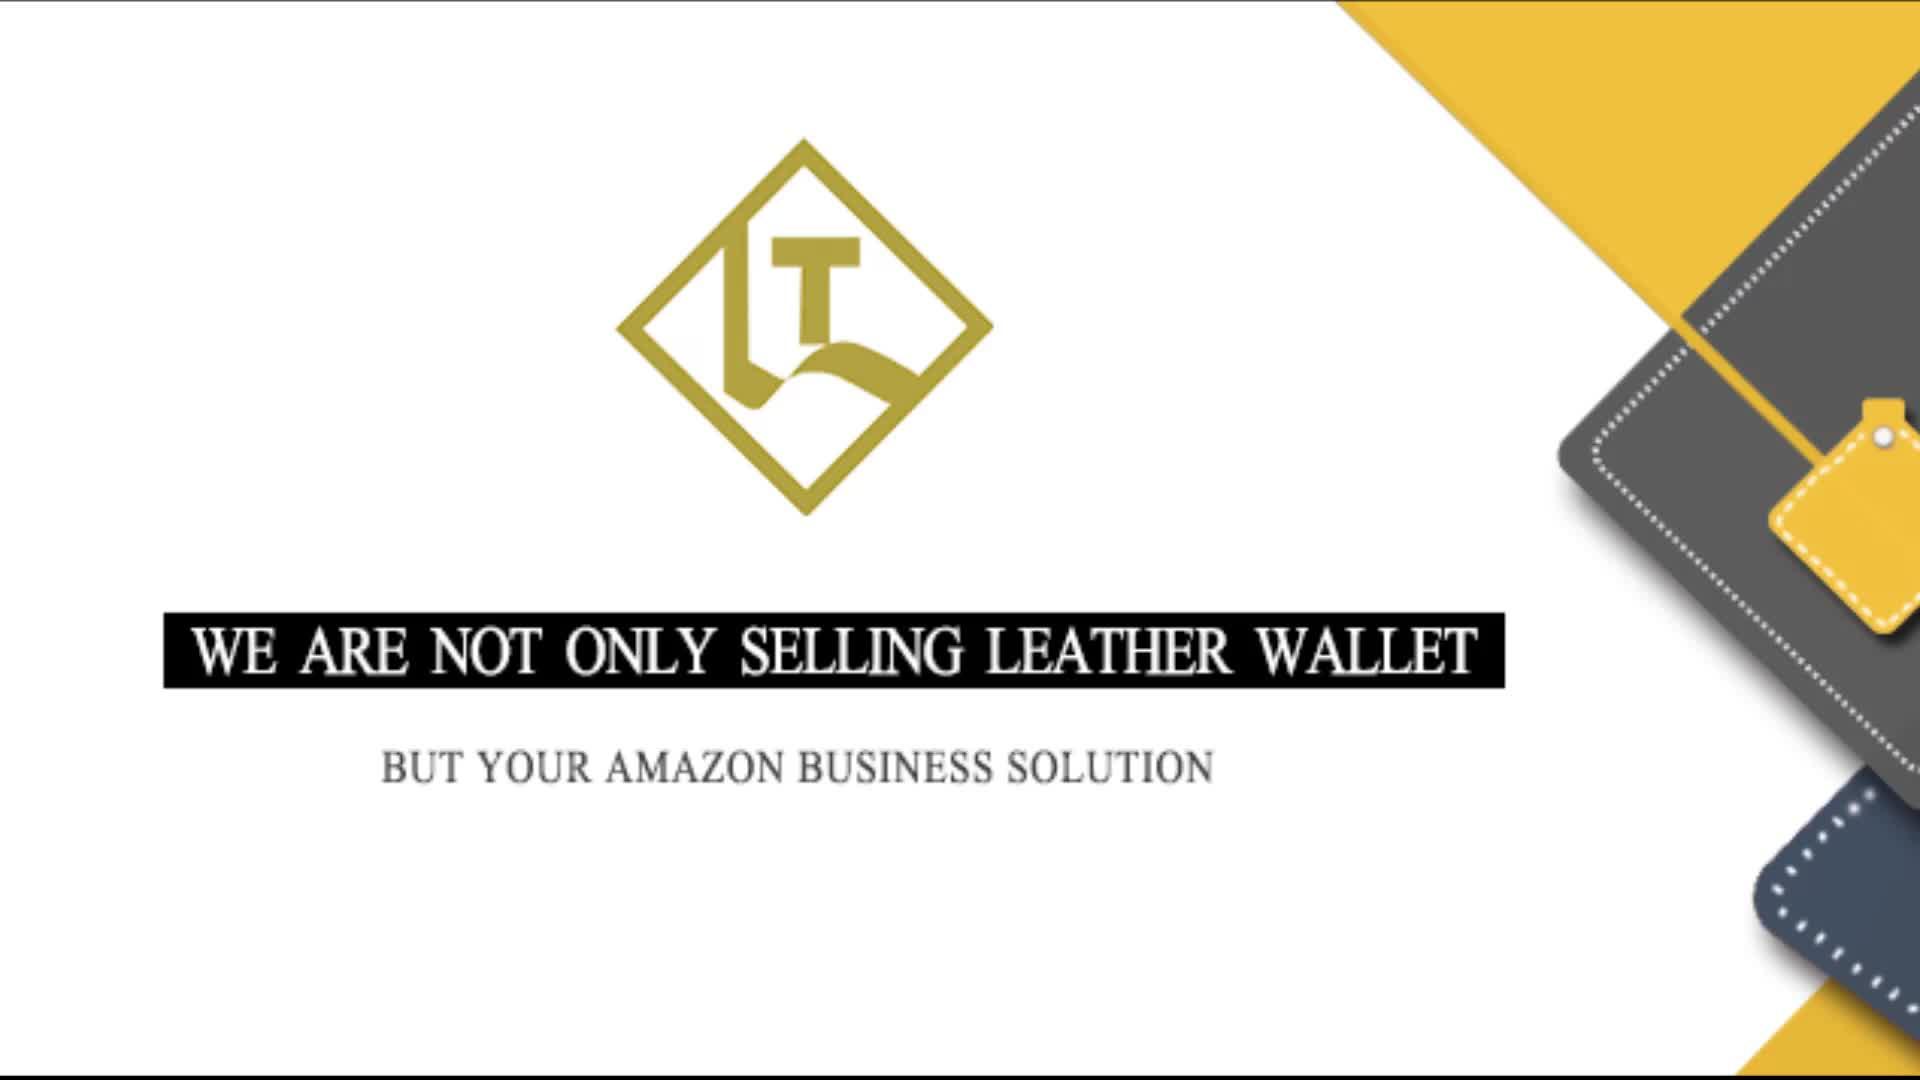 2019 Nouvellement Personnalisées de marque meilleures marques pour hommes en cuir mince minimaliste portefeuille en fibre de carbone portefeuille rfid